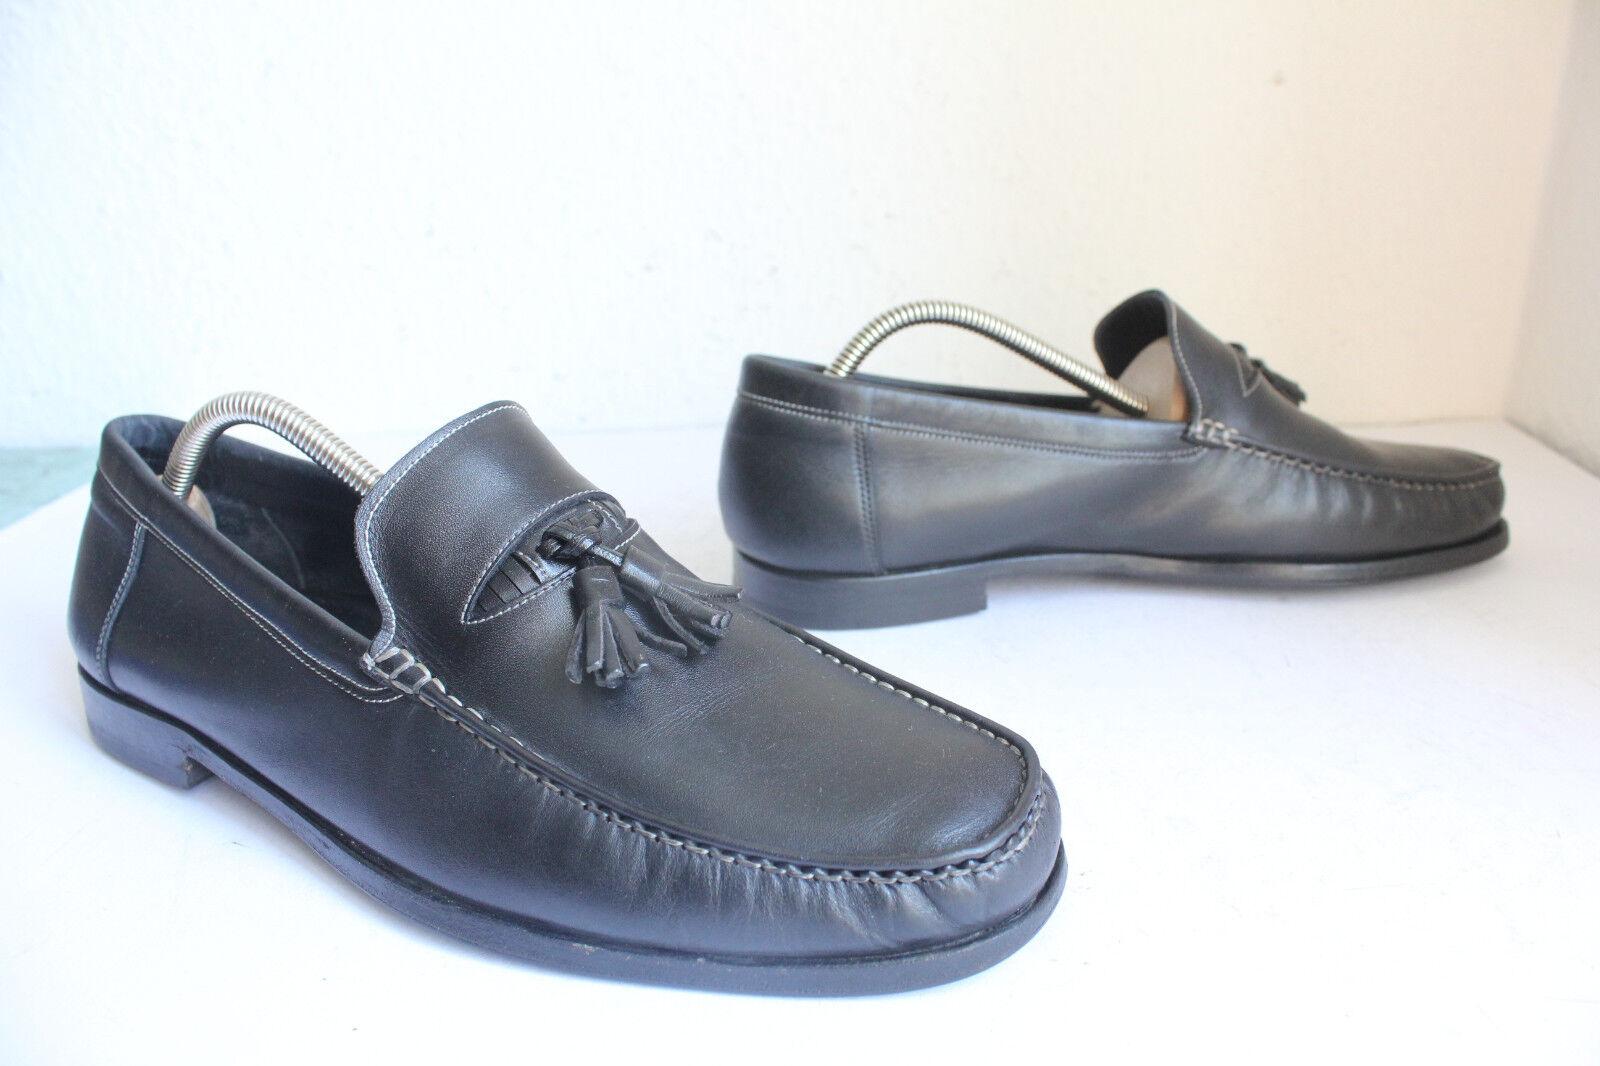 Bay Luxus Mallorca made Loafer Slipper Schuhe Voll Echtleder Eu:44,5 made Mallorca in Spain 306a08